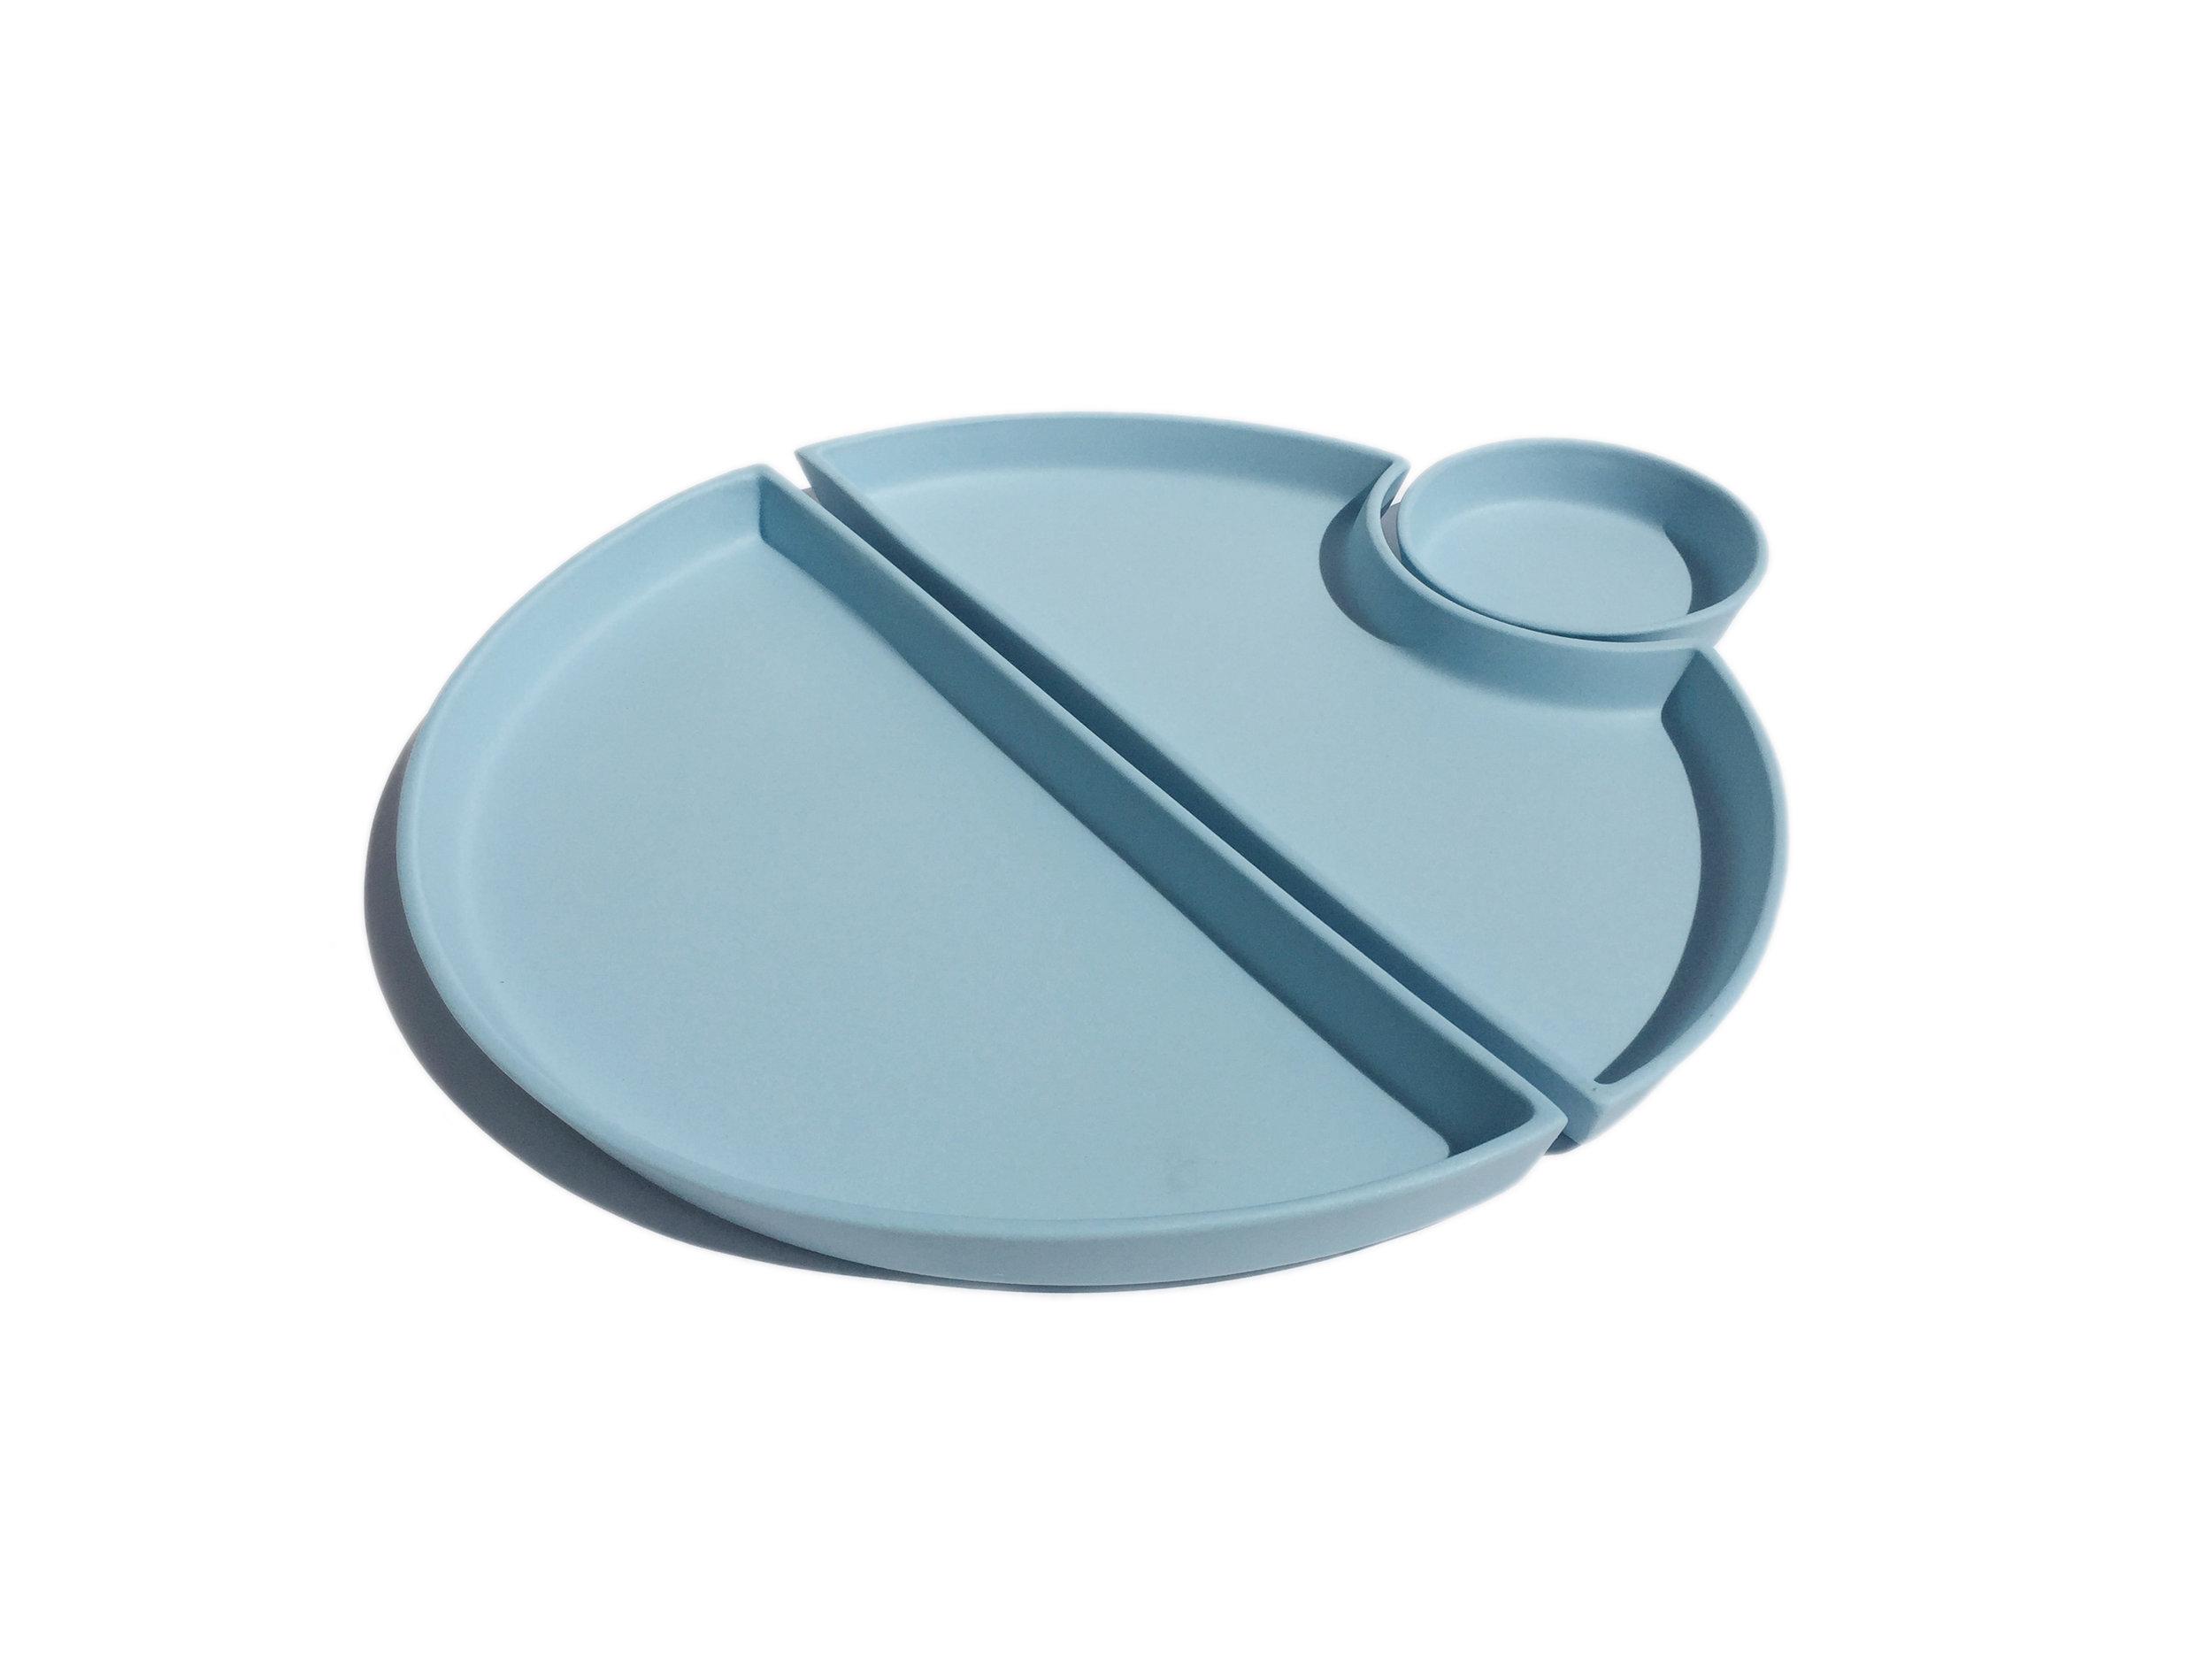 Light Blue Bento: